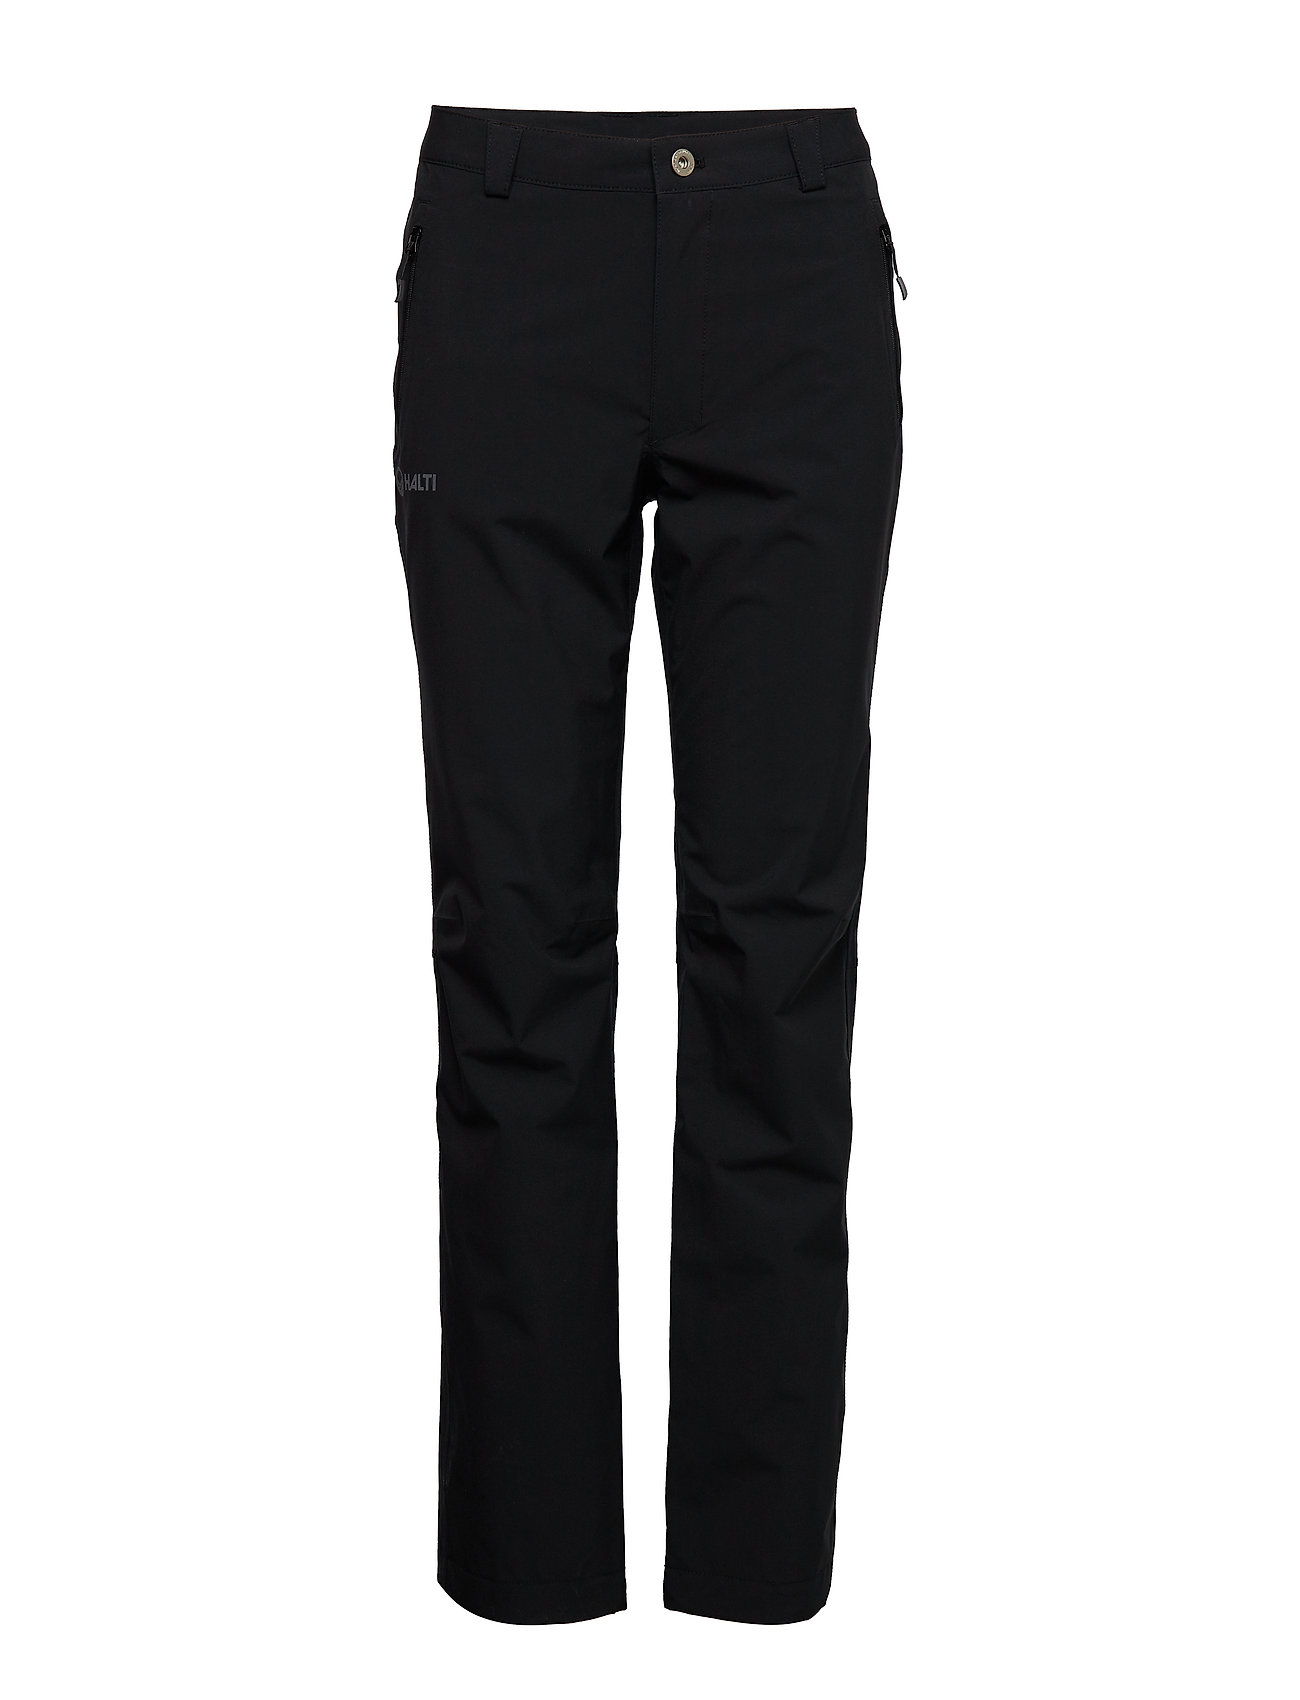 Halti Leisti Women's DX Outdoor Pants